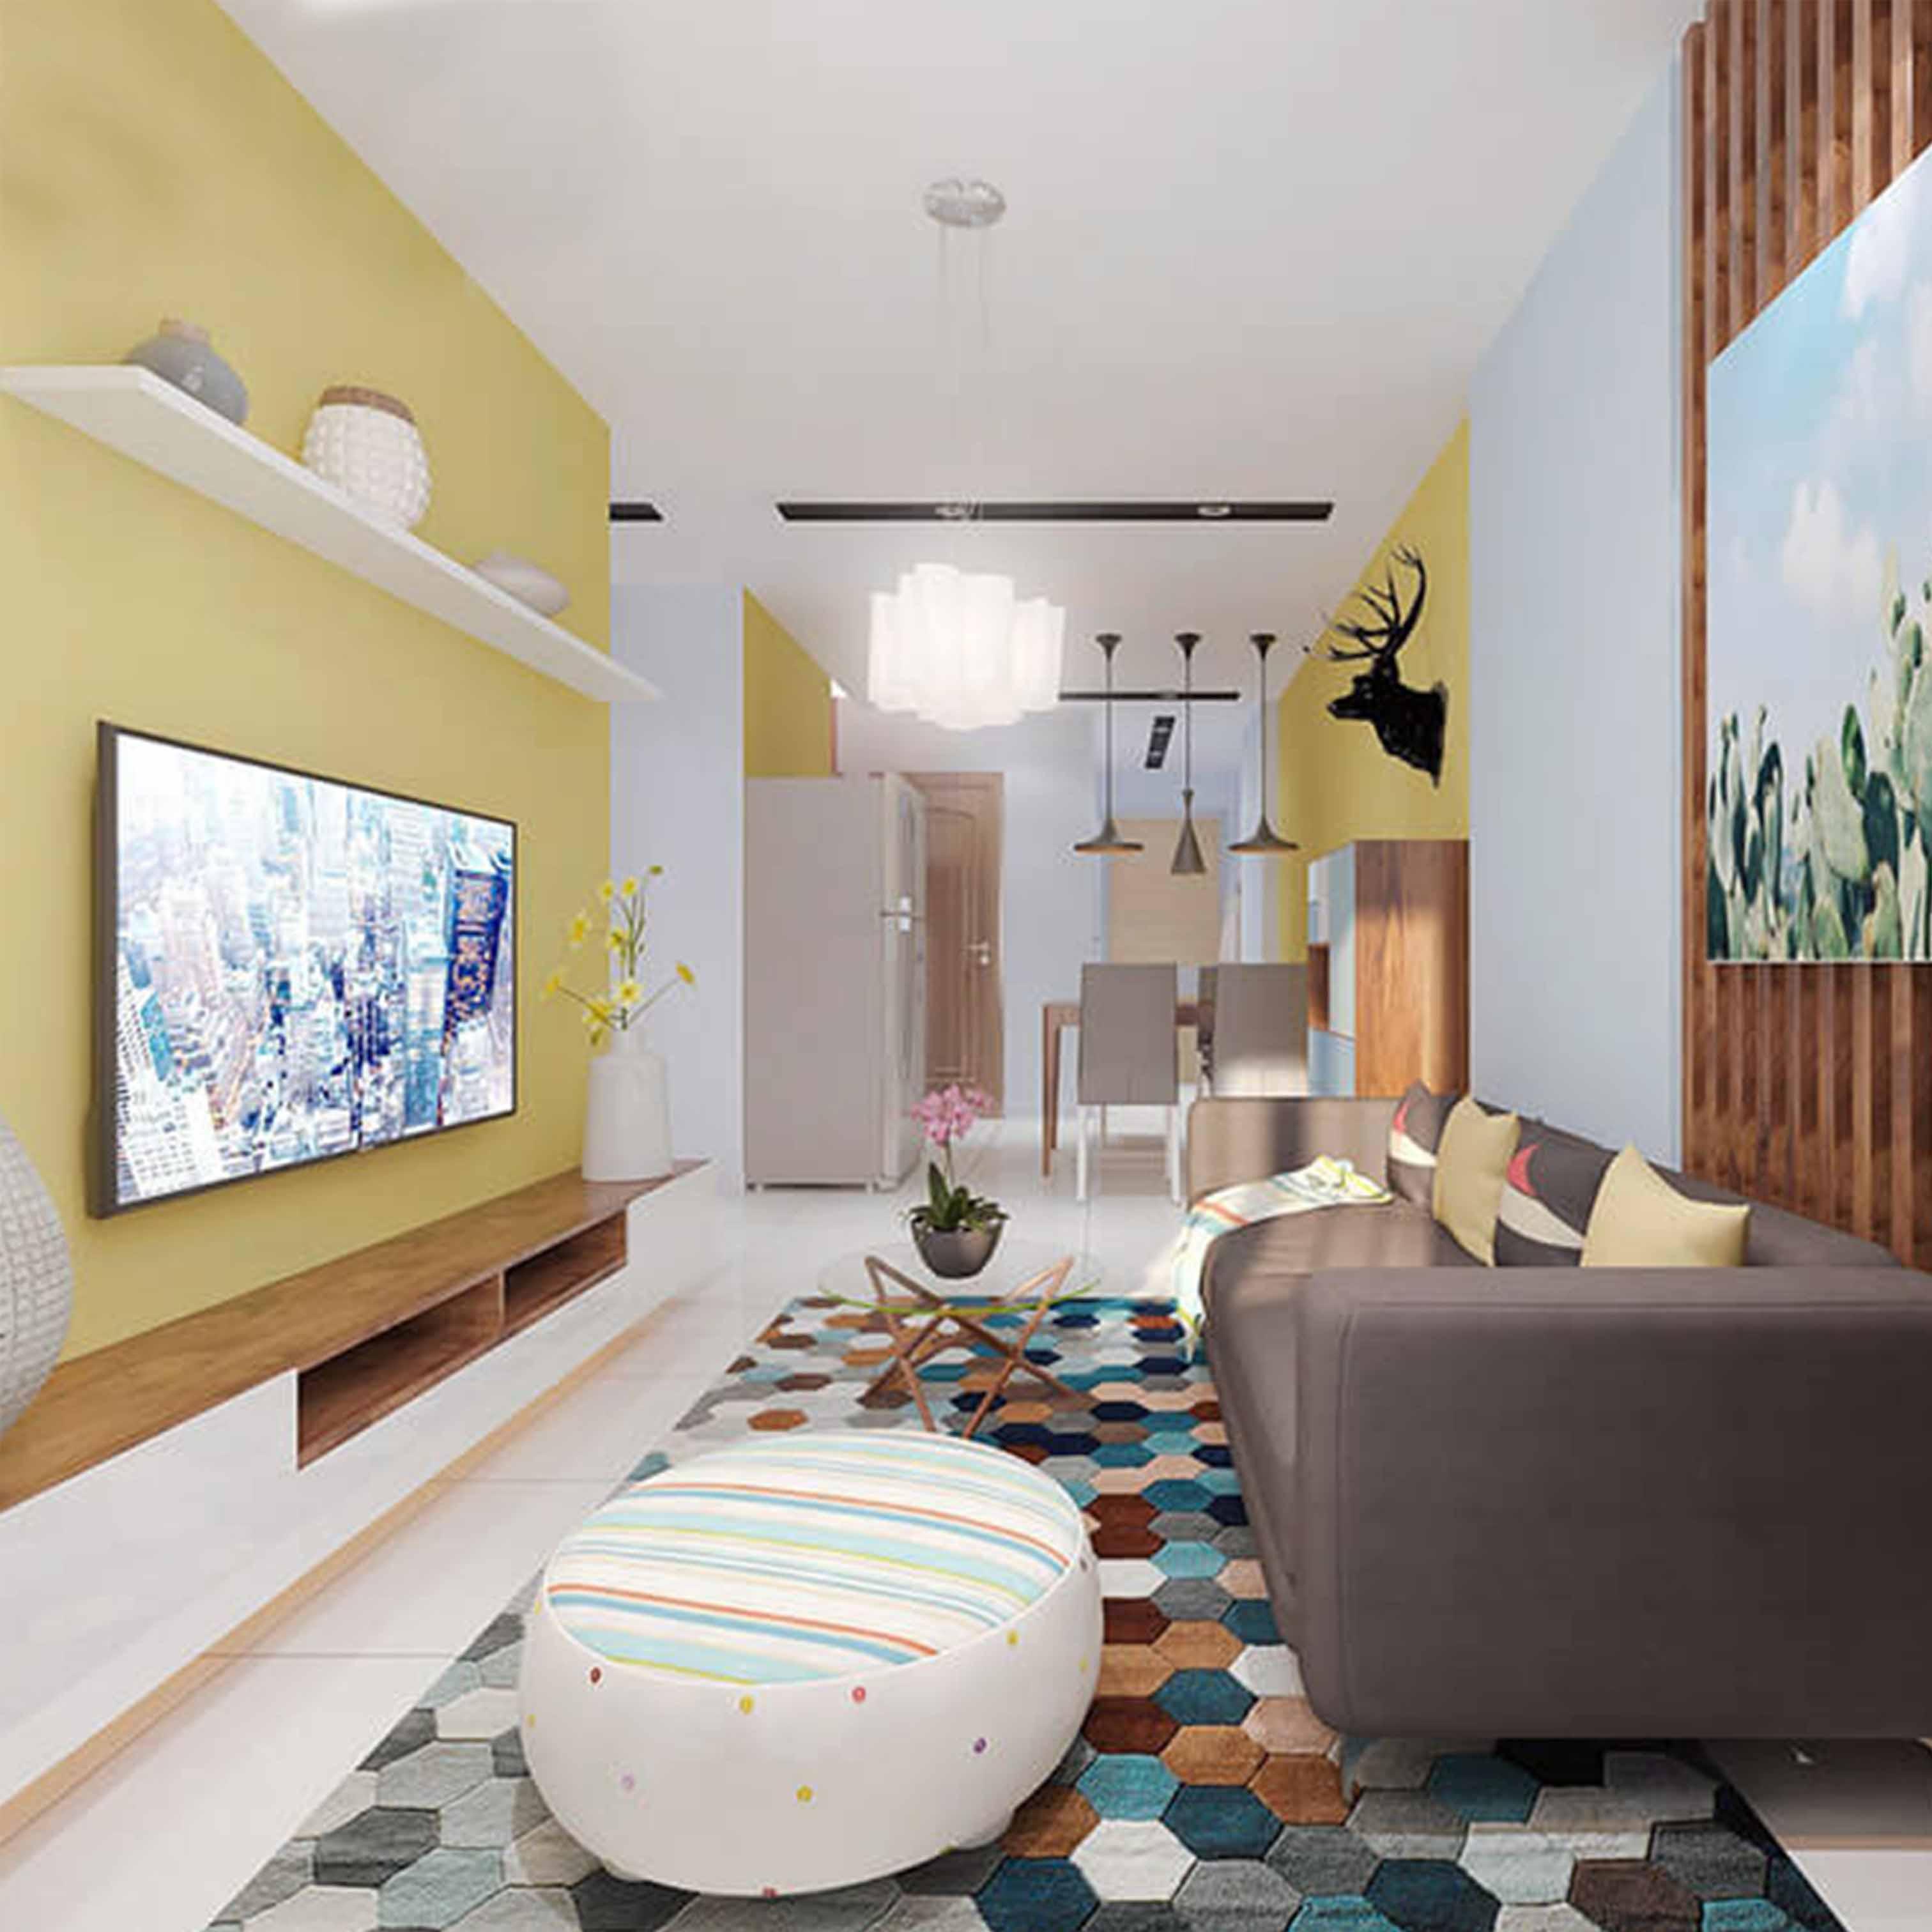 Thiết kế nội thất chung cư căn hộ 3 phòng ngủ diện tích 80m2 - TK7LHFU